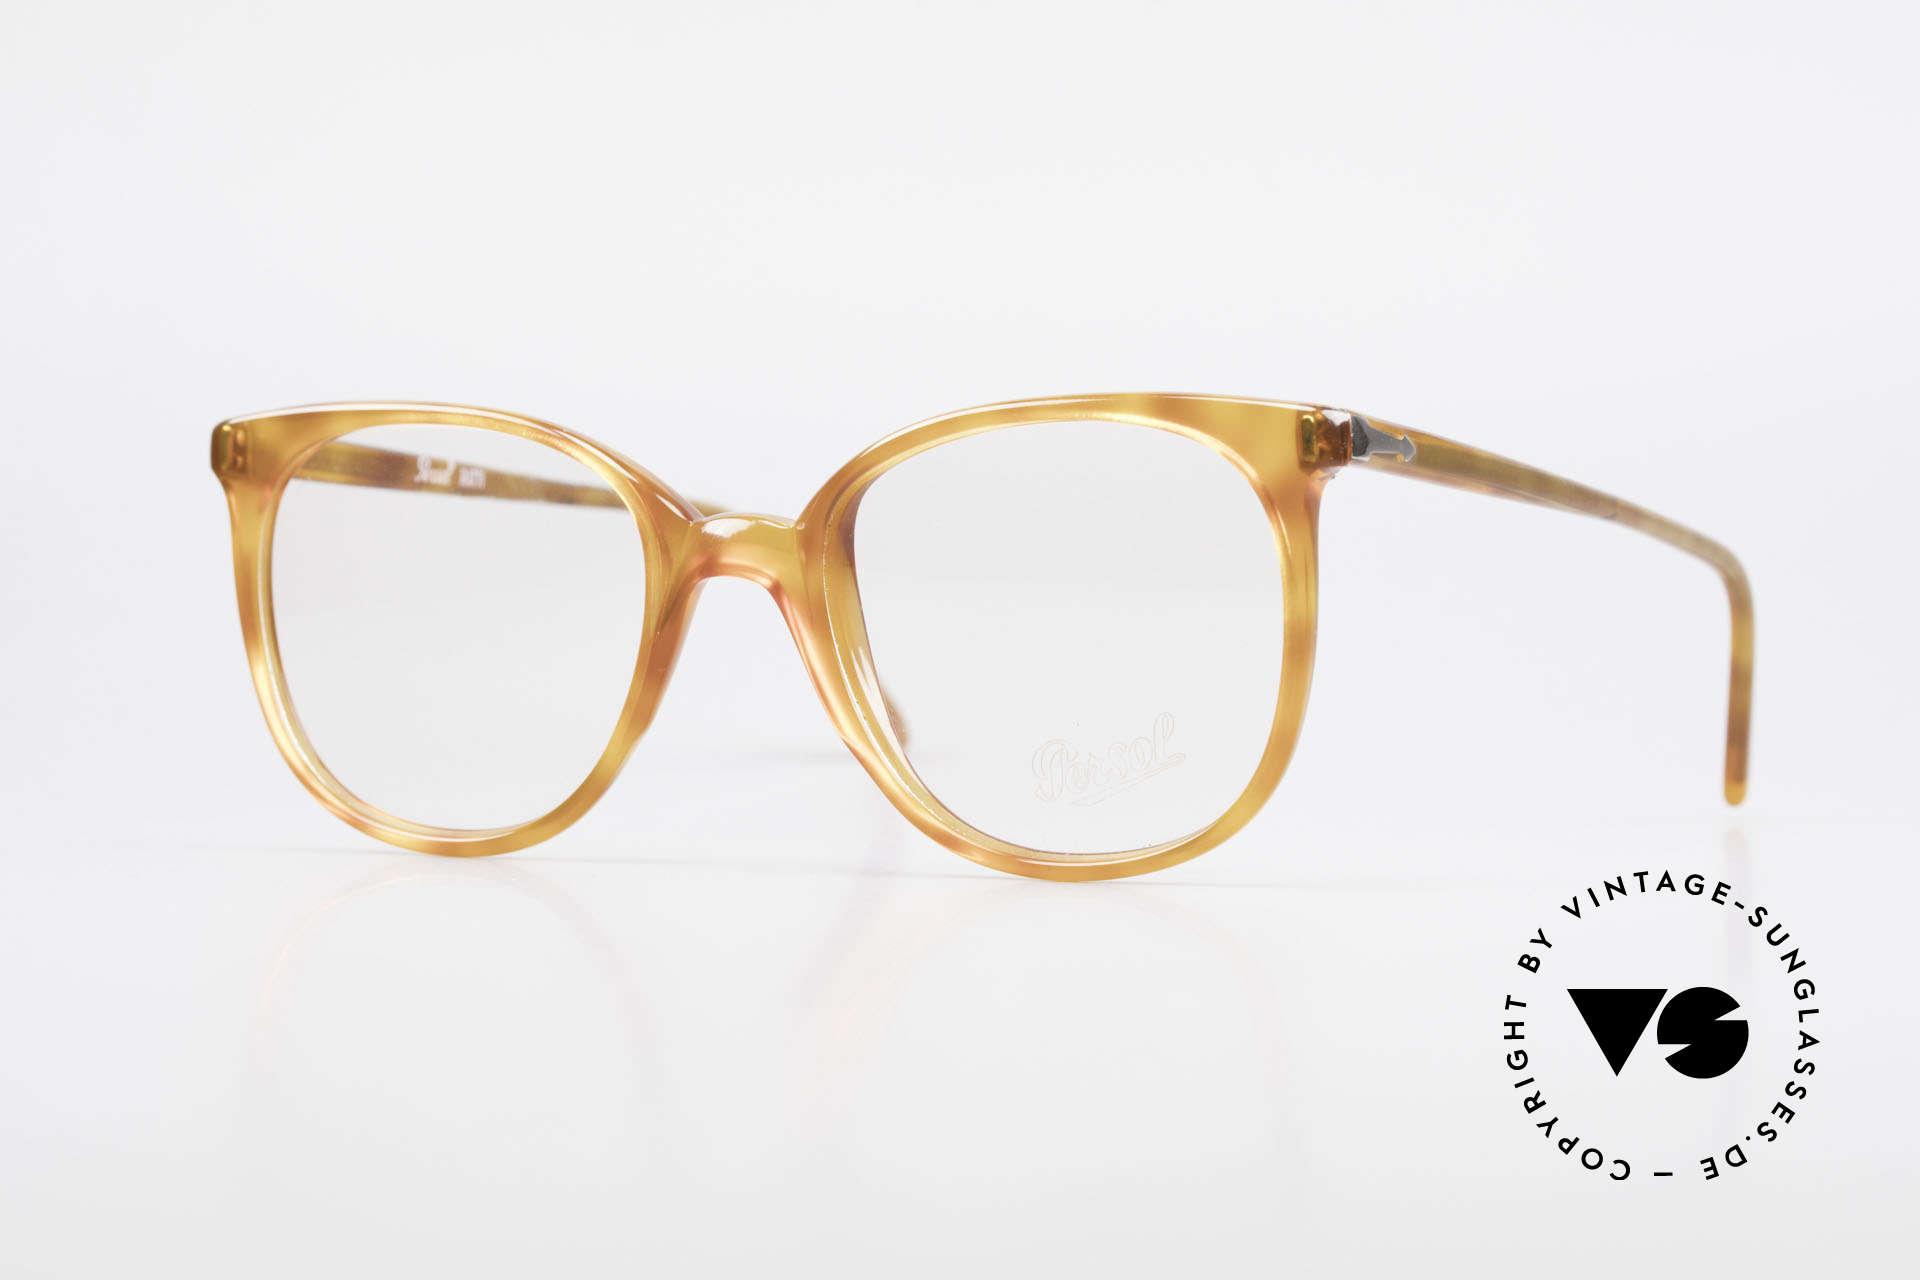 Persol 09181 Ratti Alte Vintage Brille Original, klassisches Brillengestell von Persol der 1980er, Passend für Herren und Damen